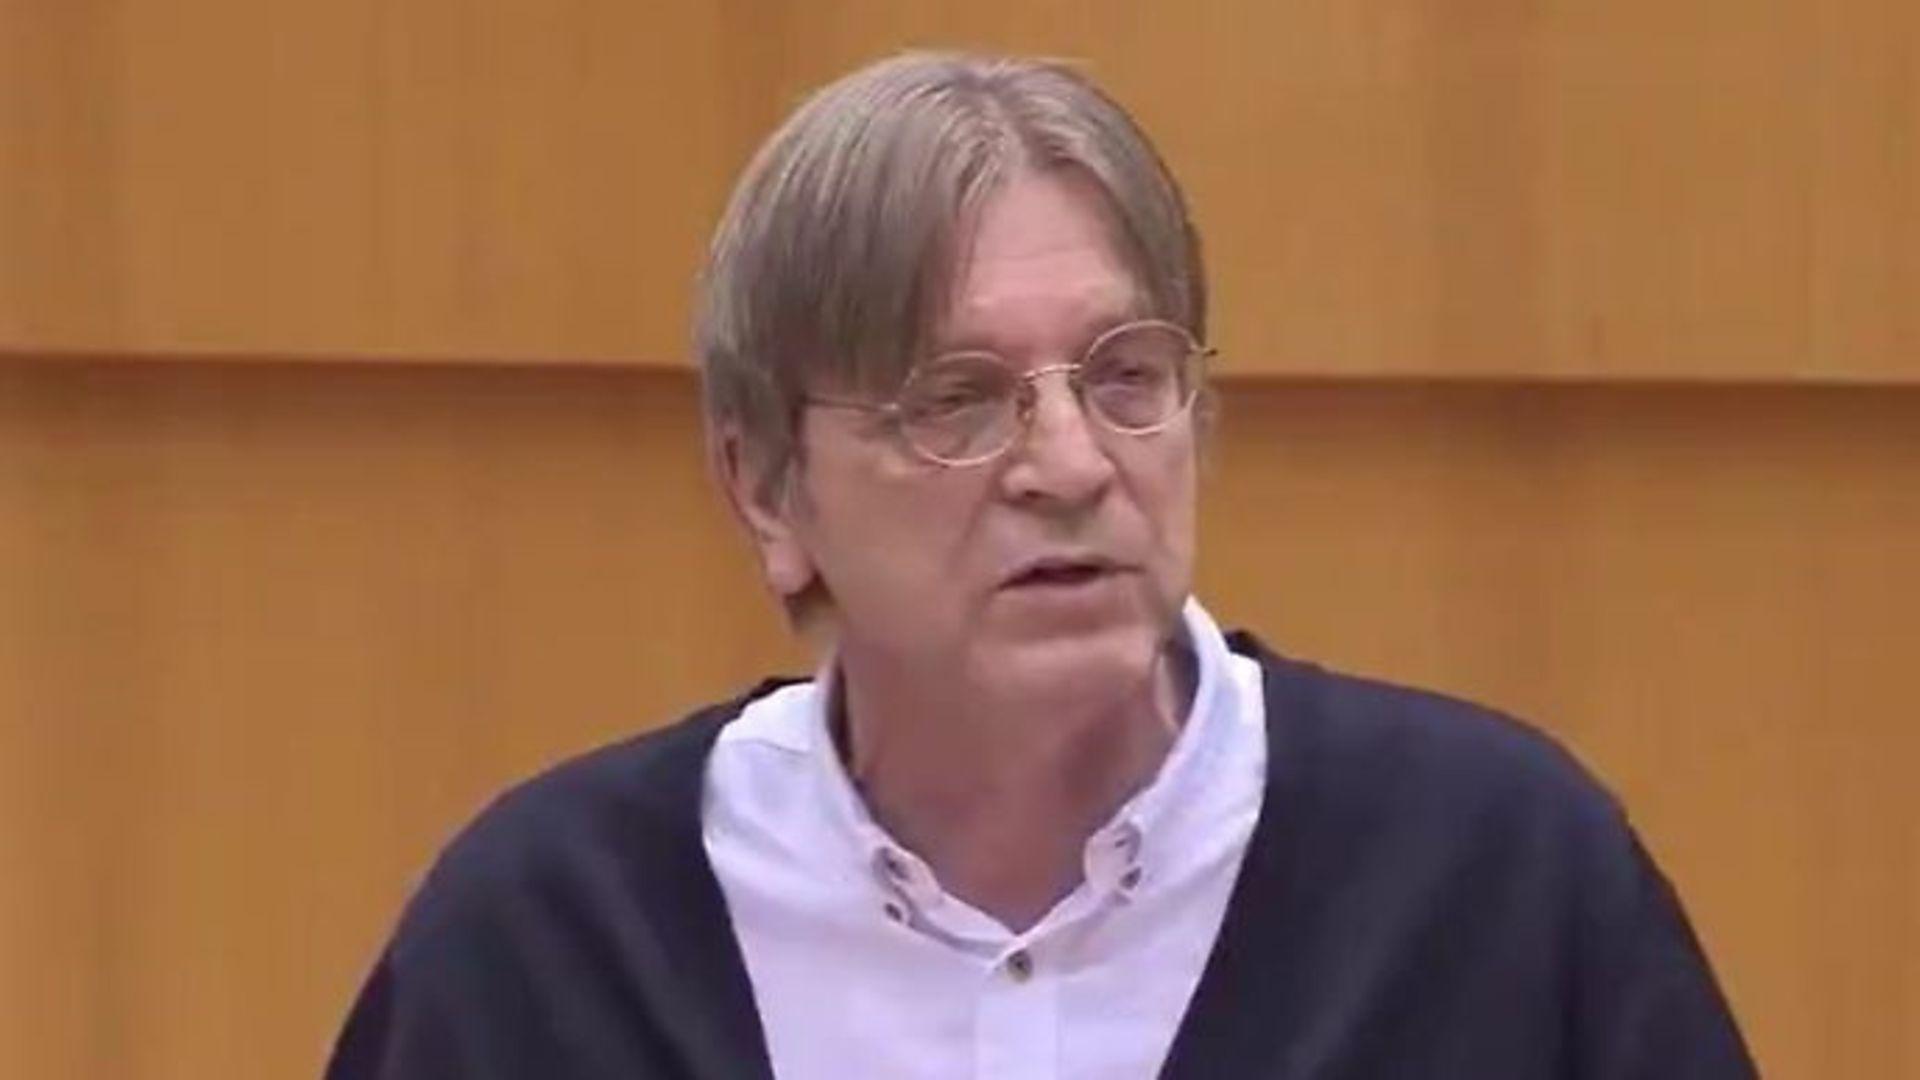 Belgian MEP Guy Verhofstadt - Credit: Twitter